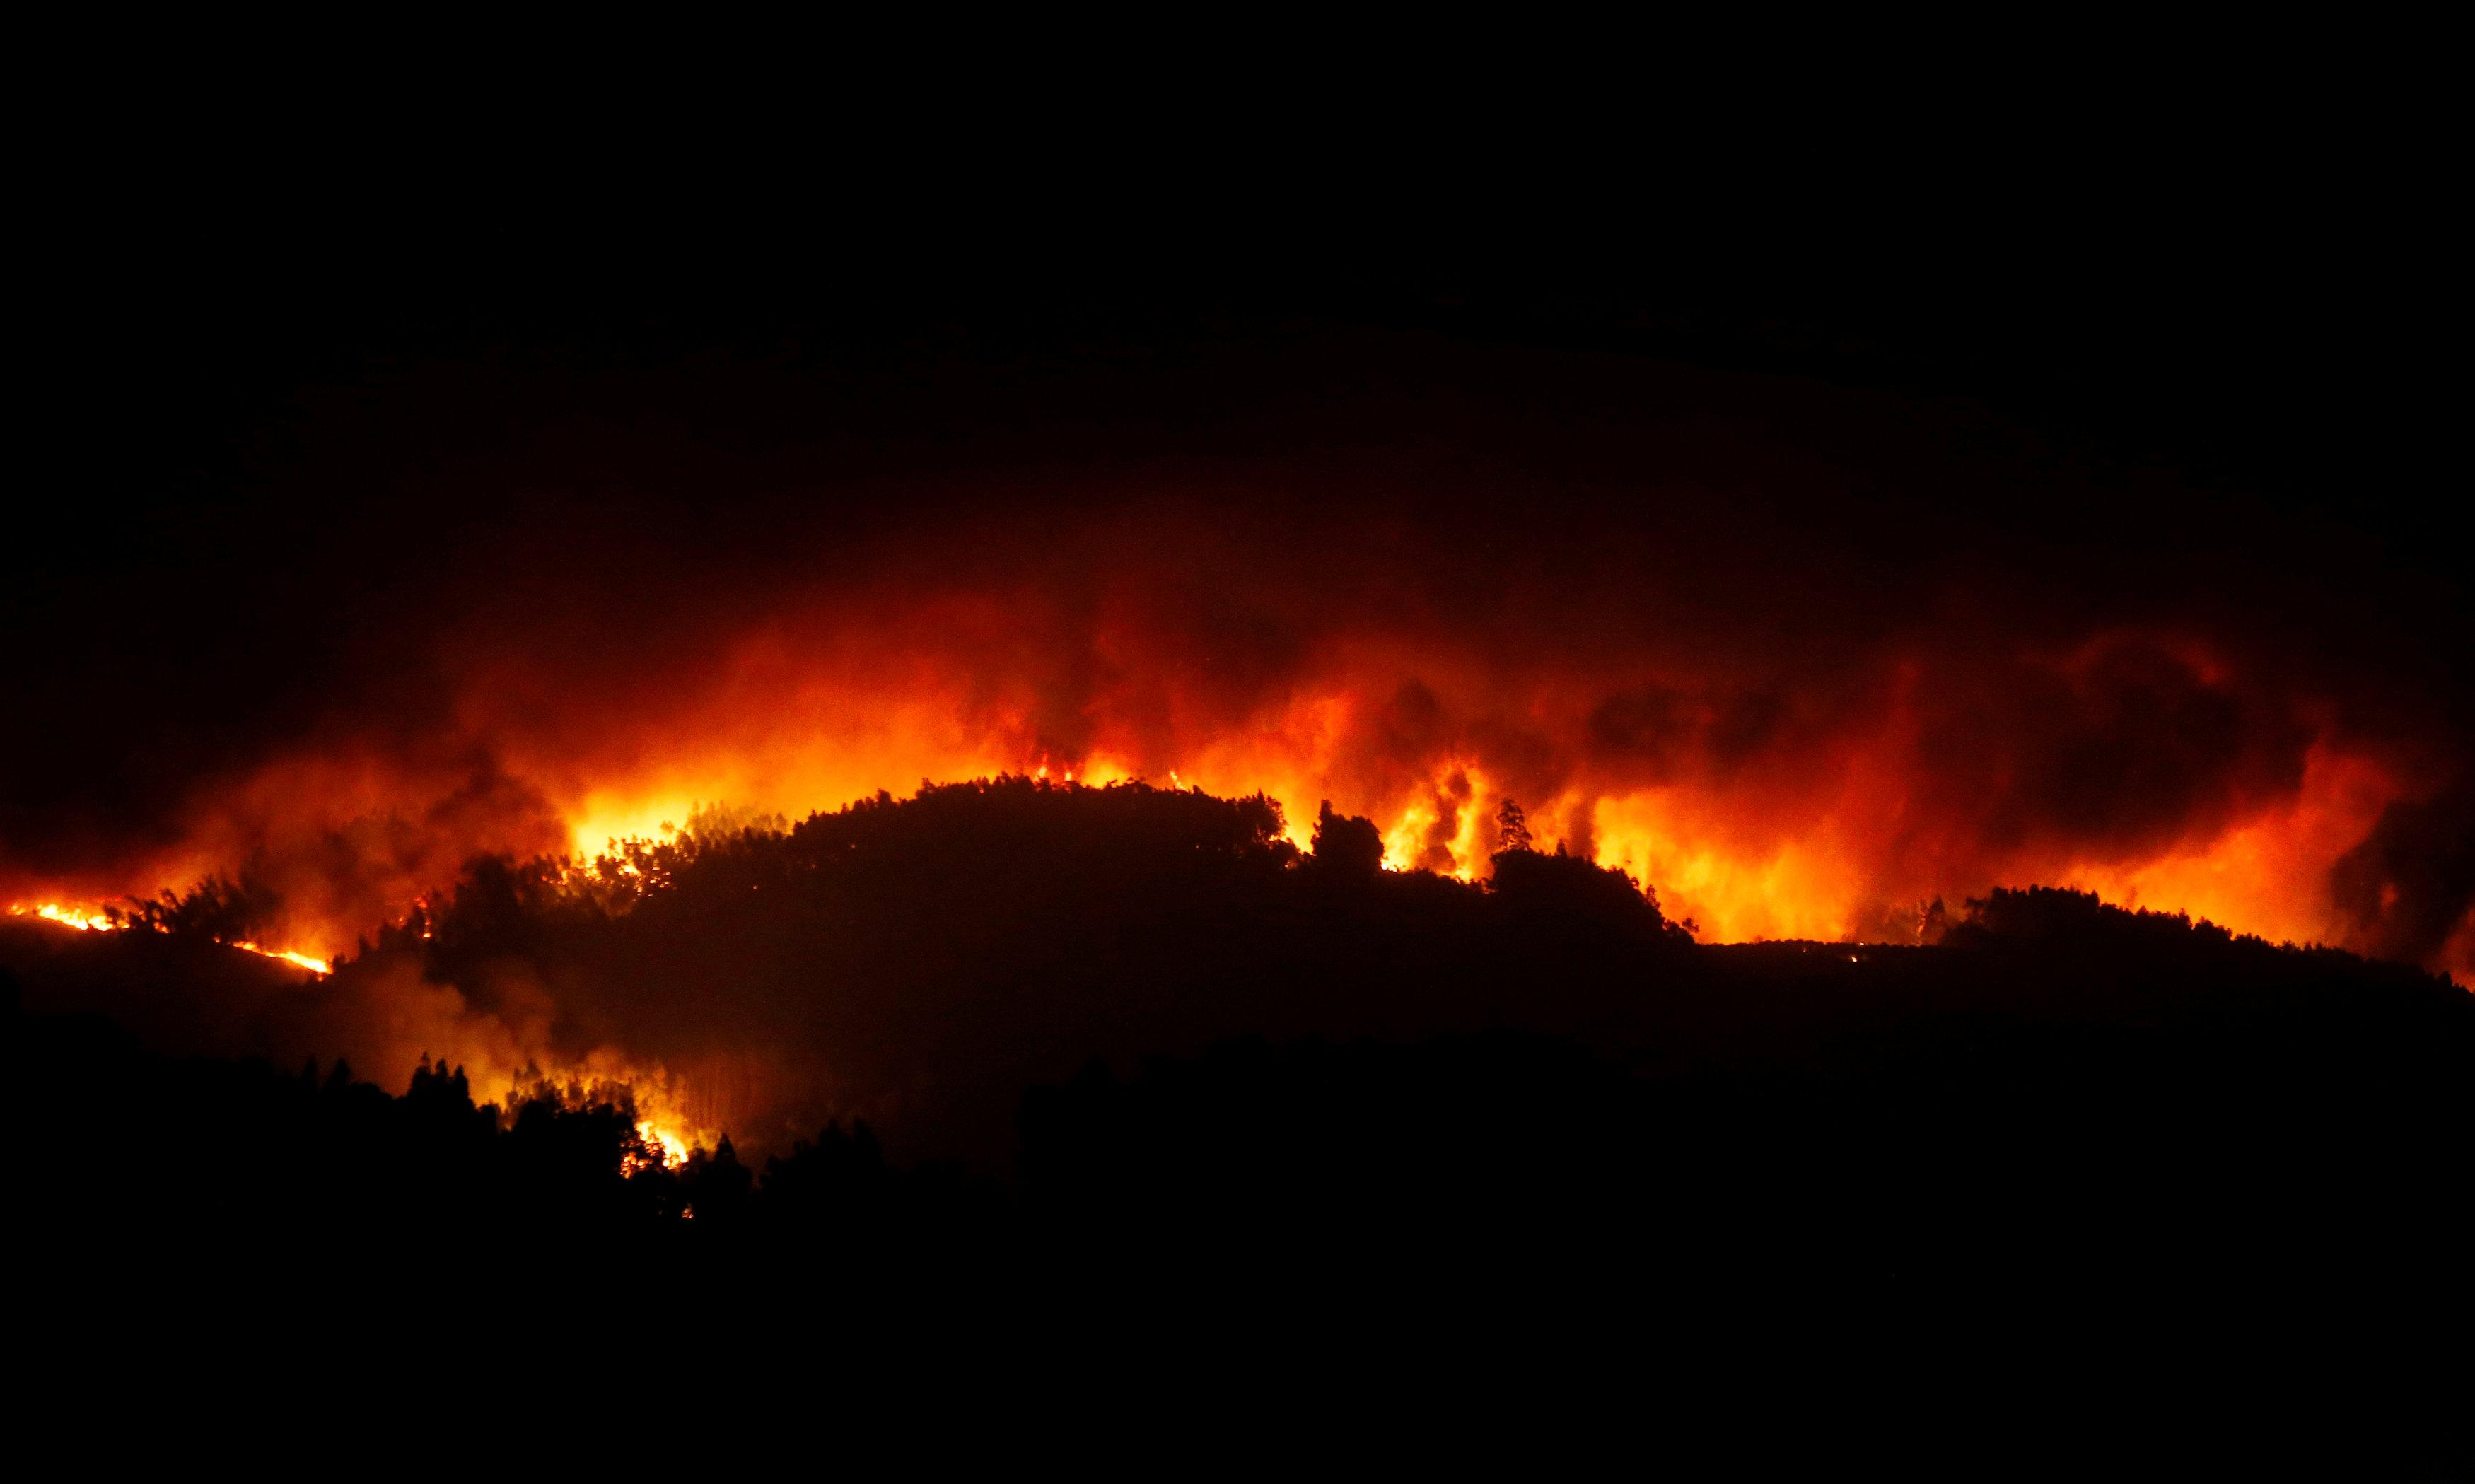 جانب من حرائق البرتغال وعدم التمكن من السيطرة عليها